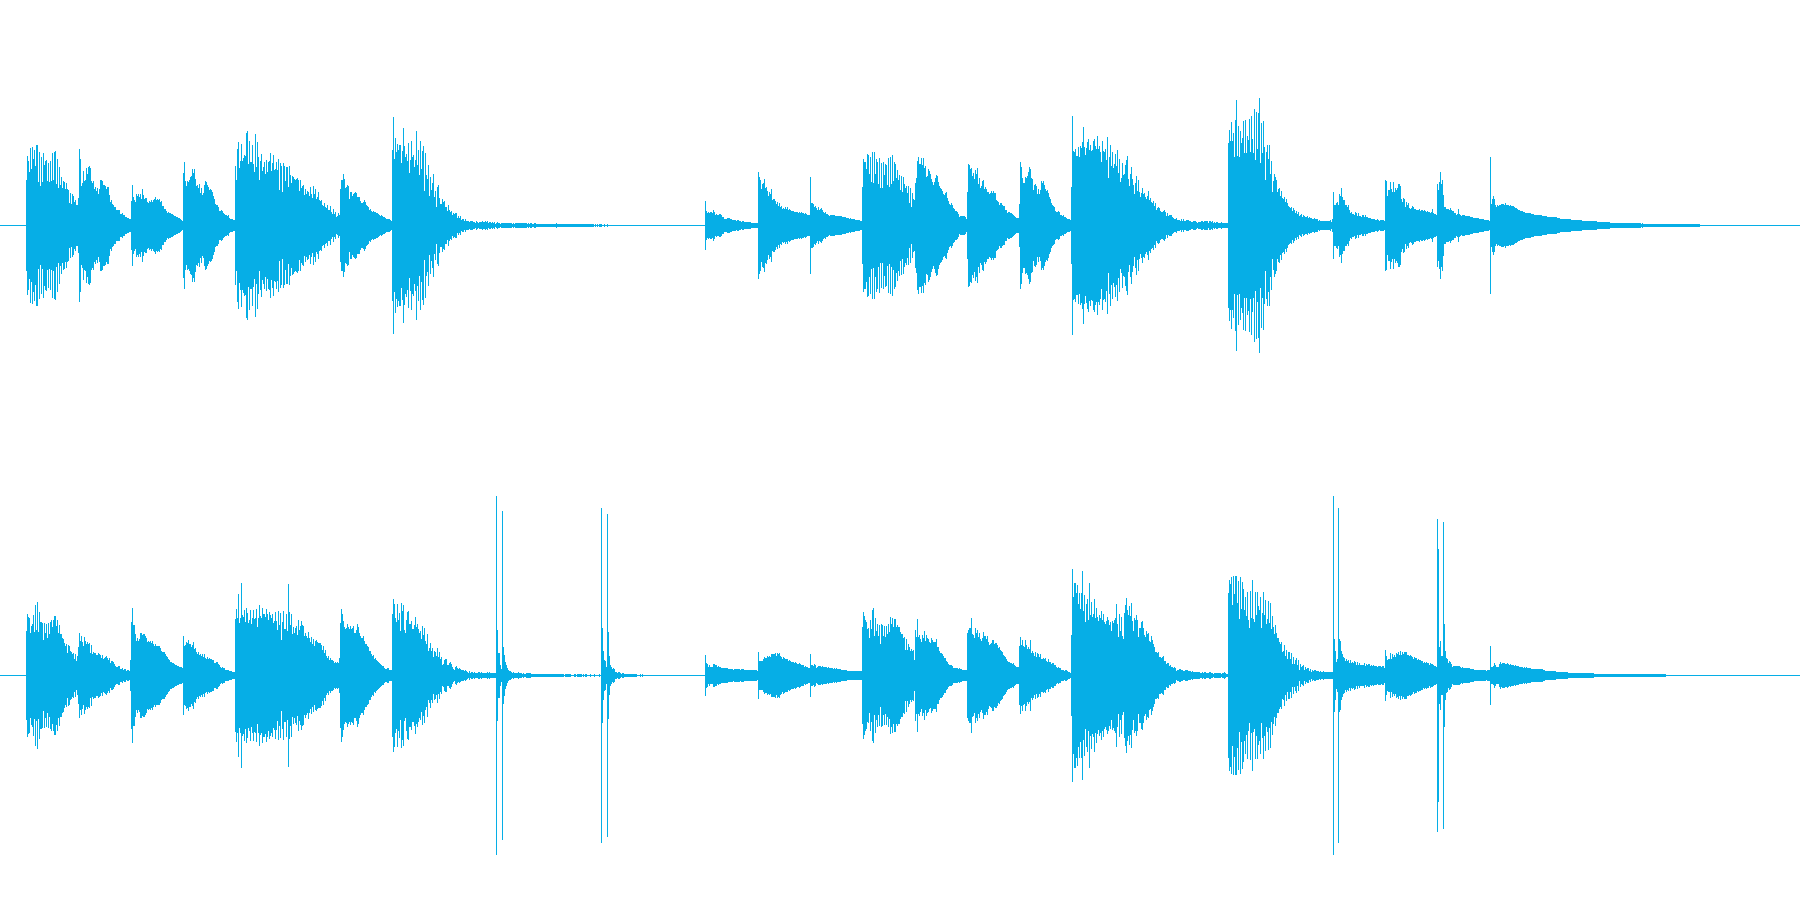 クリーン&モダン、メディア流行のサウンドの再生済みの波形